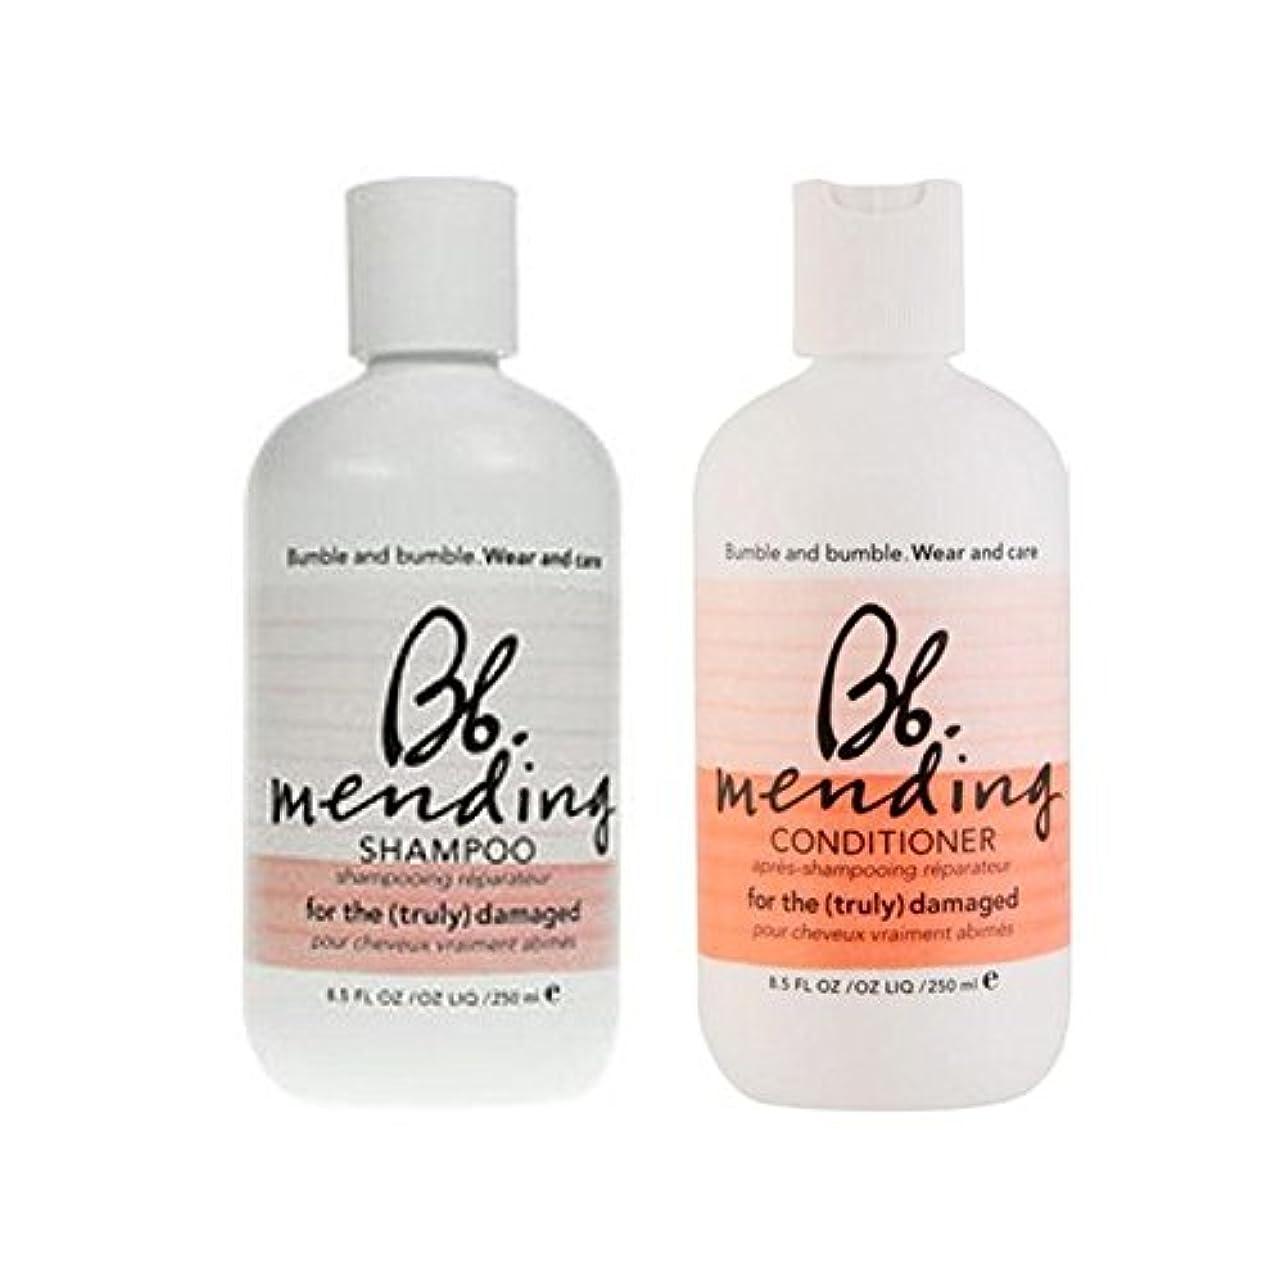 ベスビオ山栄光可聴Bb Wear And Care Mending Duo- Shampoo And Conditioner (Pack of 6) - 着用し、-シャンプーとコンディショナーを補修ケア x6 [並行輸入品]